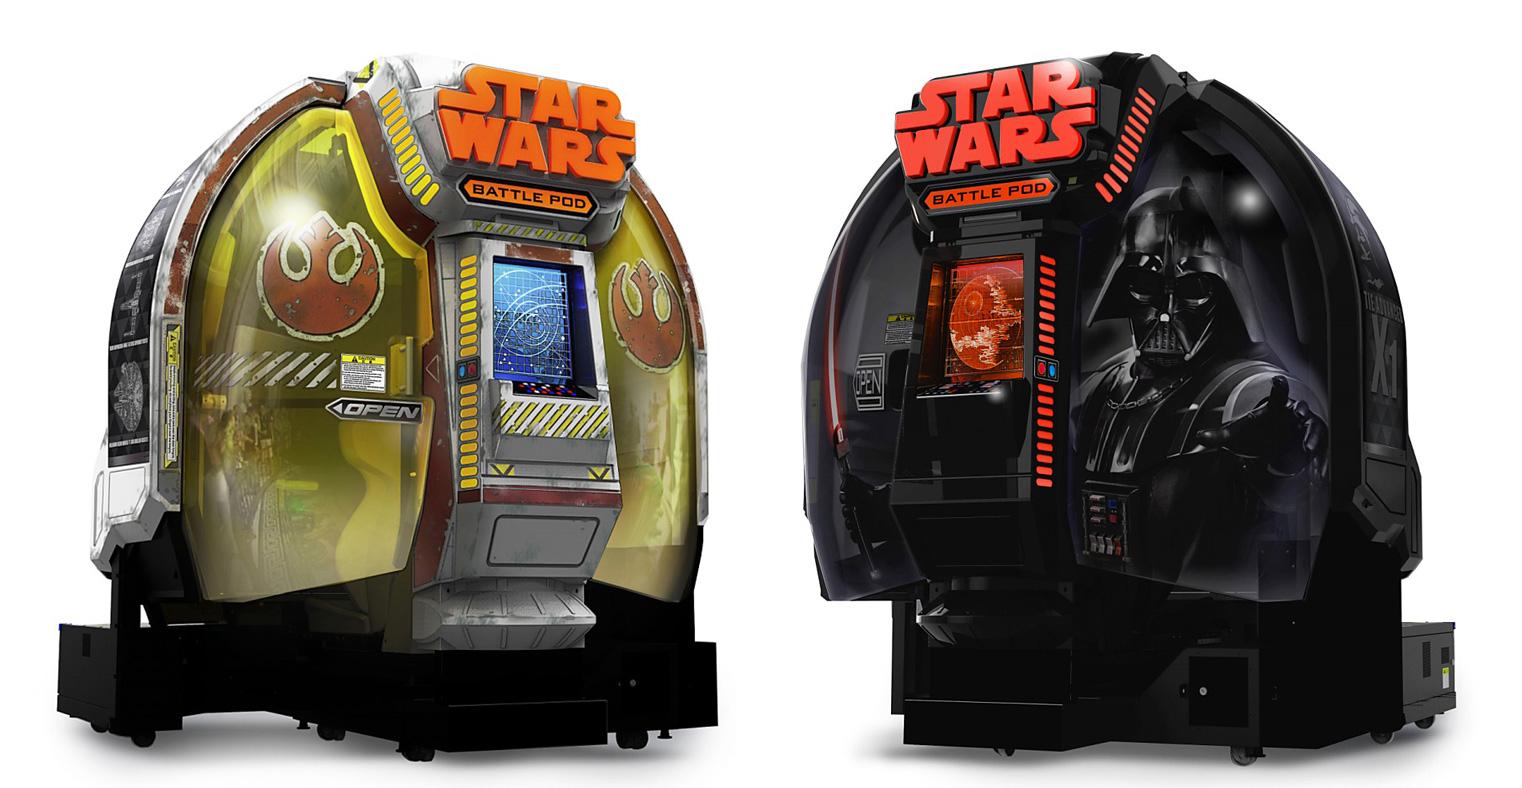 StarWars-BattlePod Arcade Visuel 001